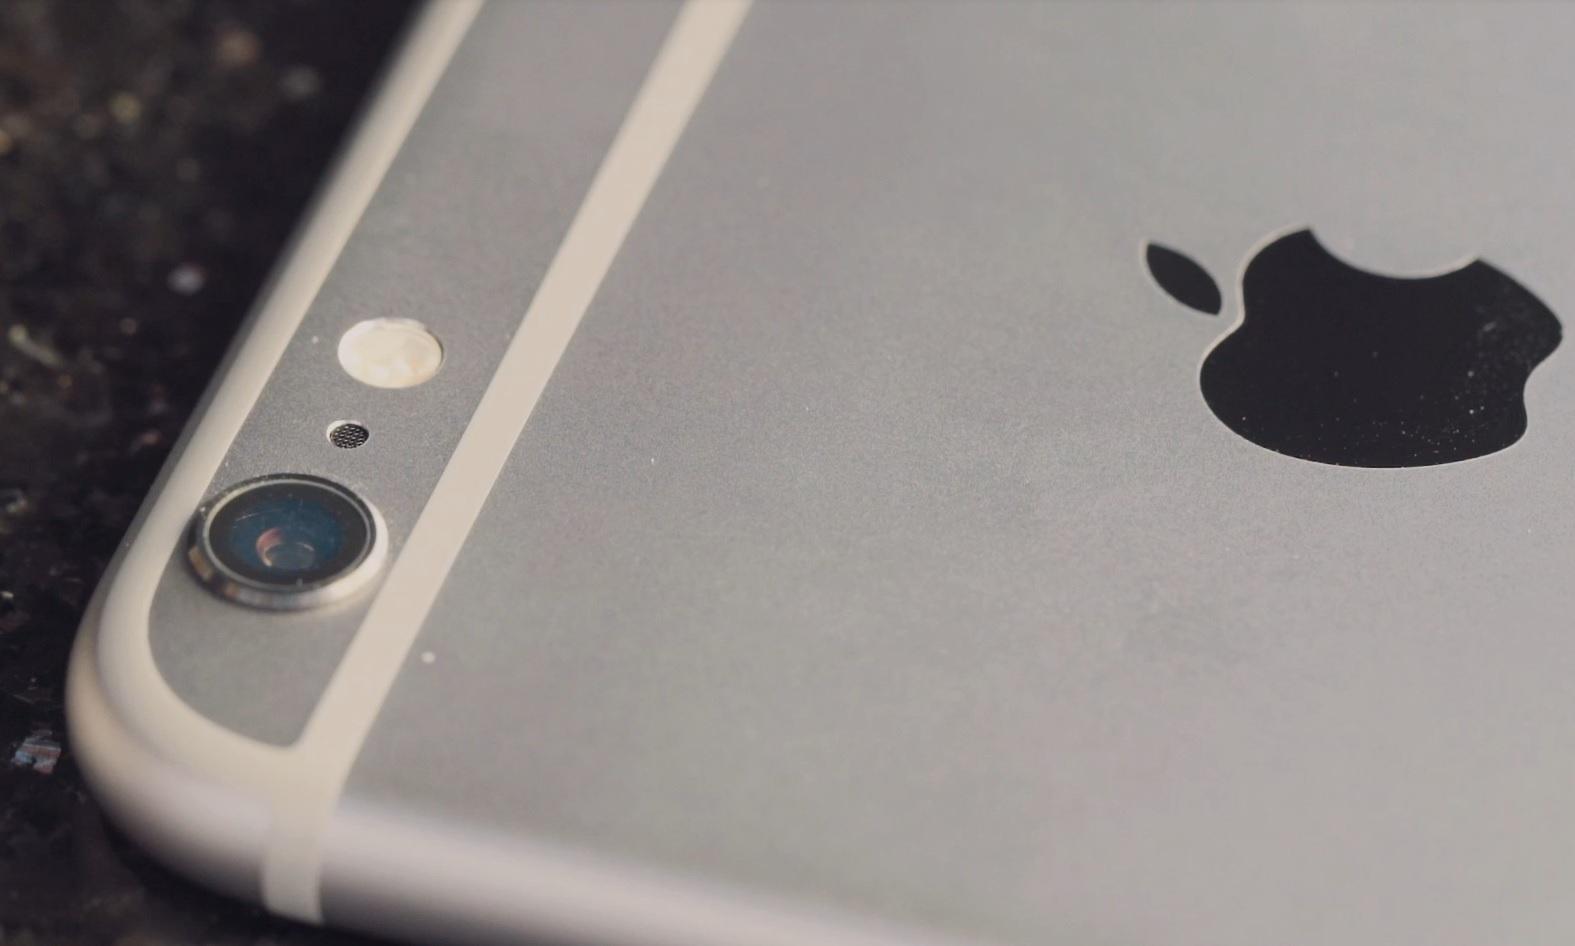 Så bra har iPhone 6-kameraet holdt seg - vant pris med dette bildet